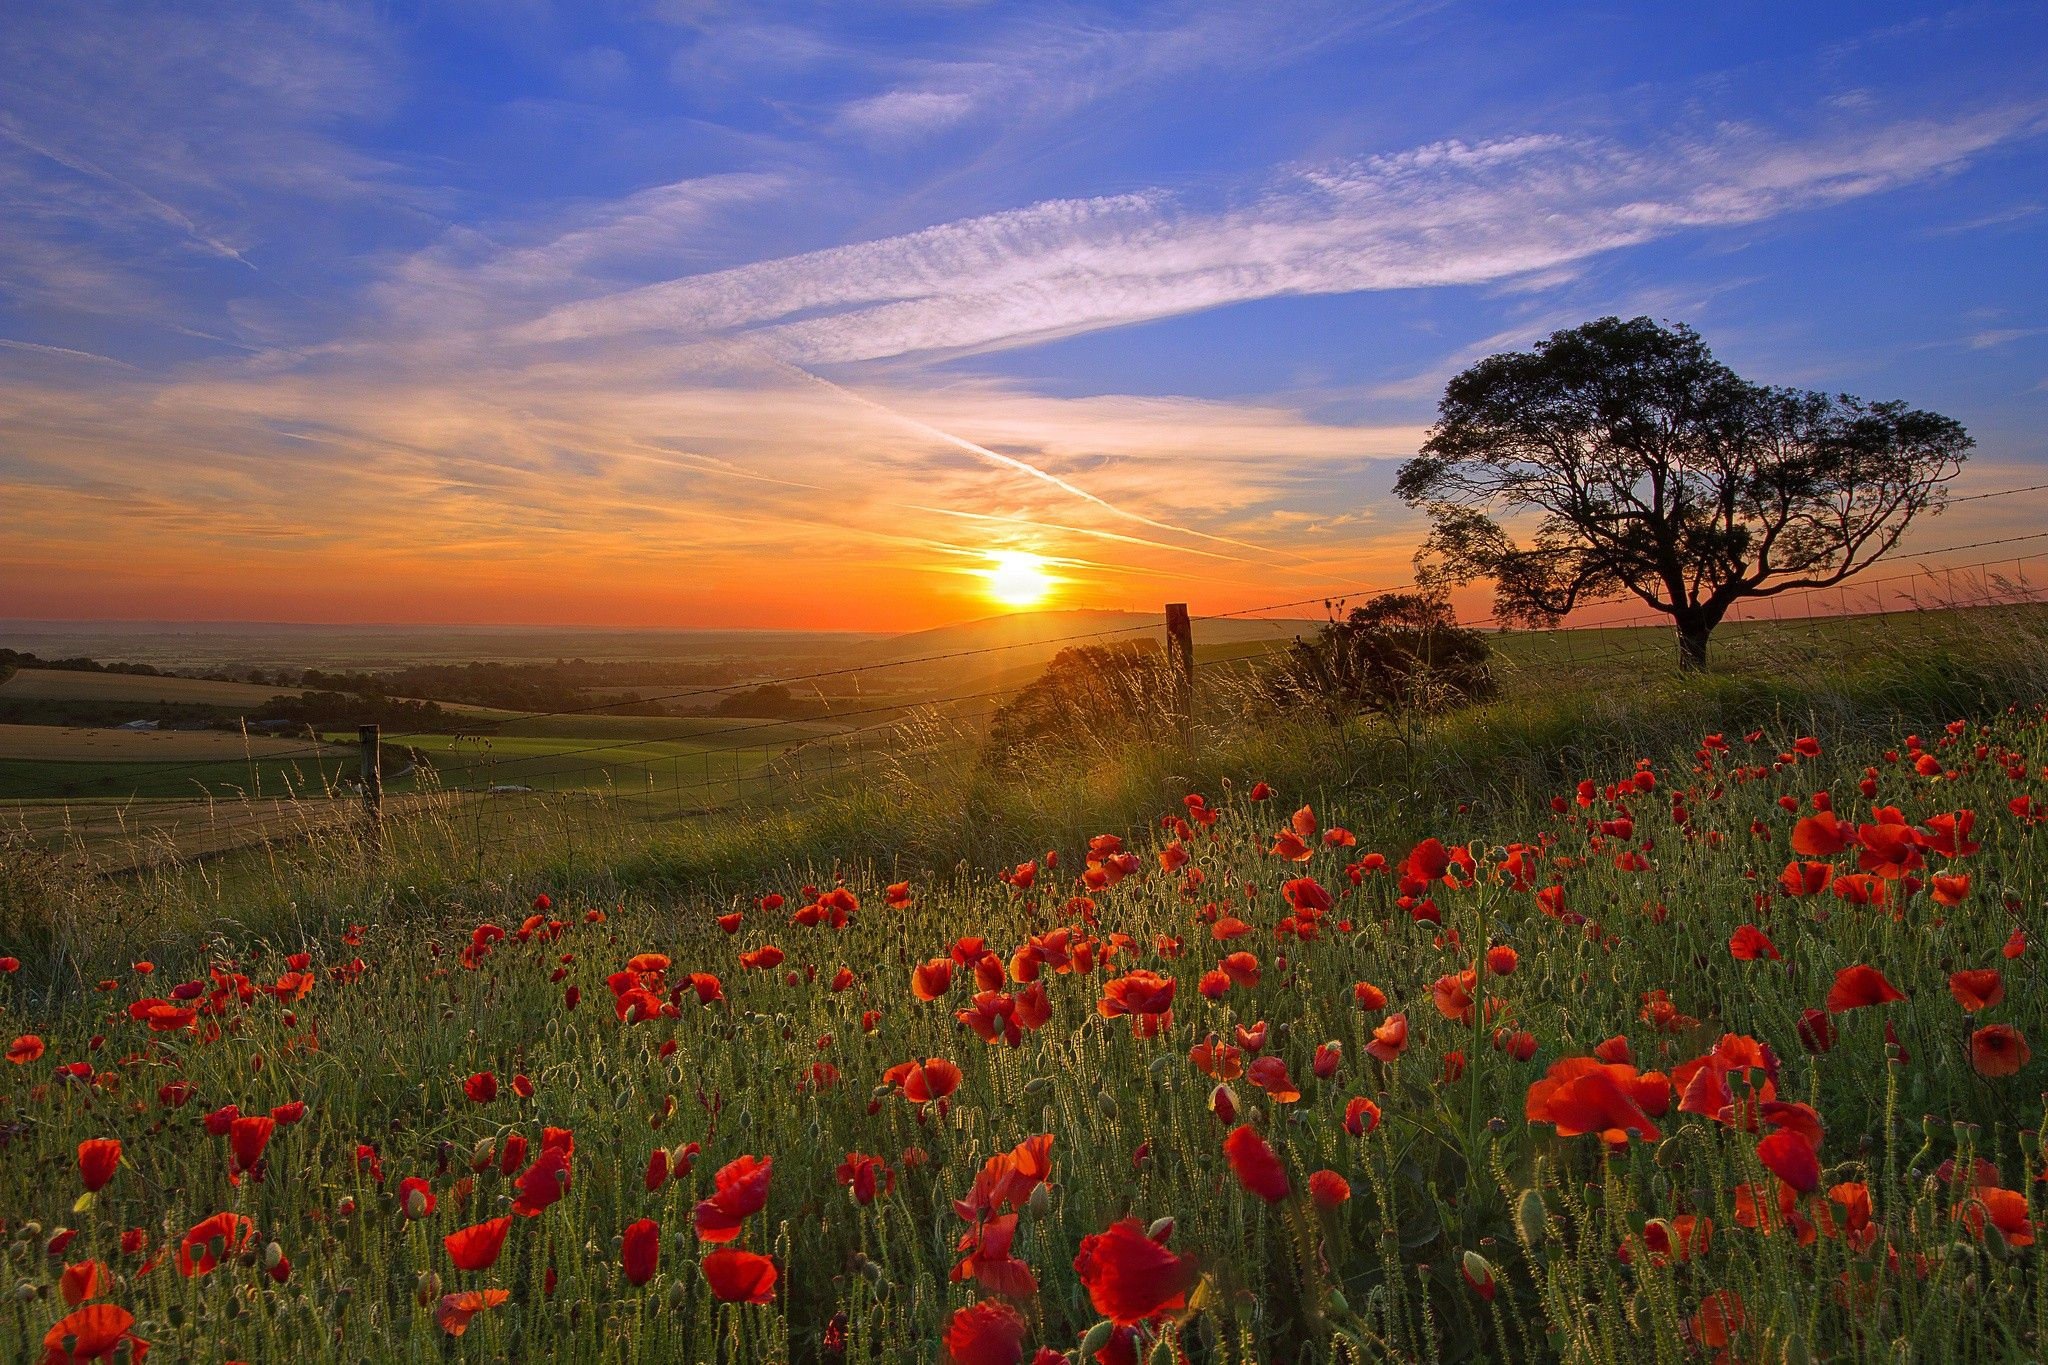 Fond ecran hd nature paysage soleil couchant sur prairie for Fond ecran gratuit ete